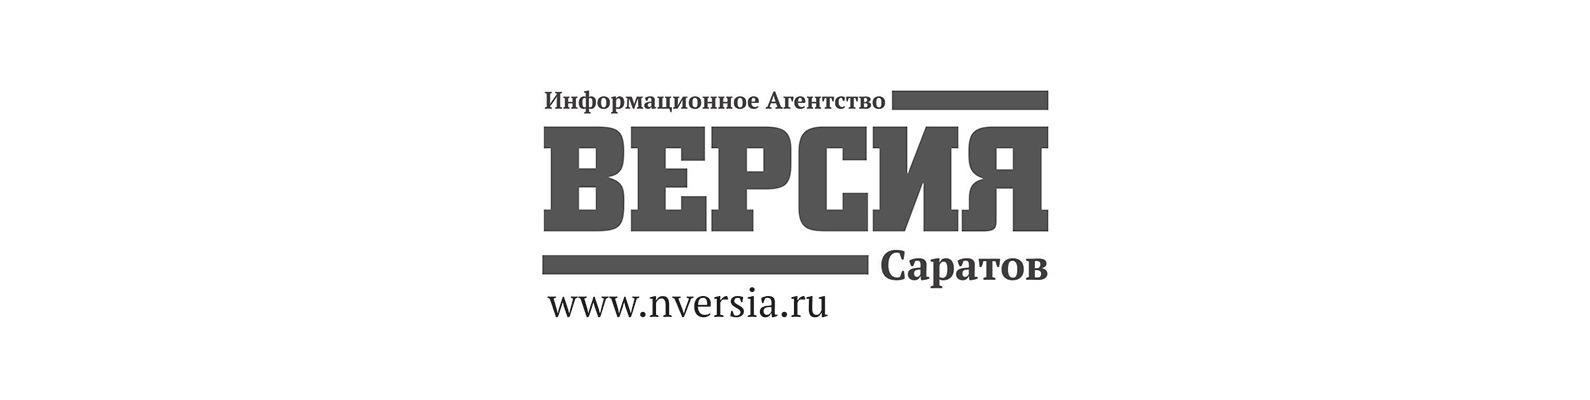 Картинки по запросу Версия-Саратов лого